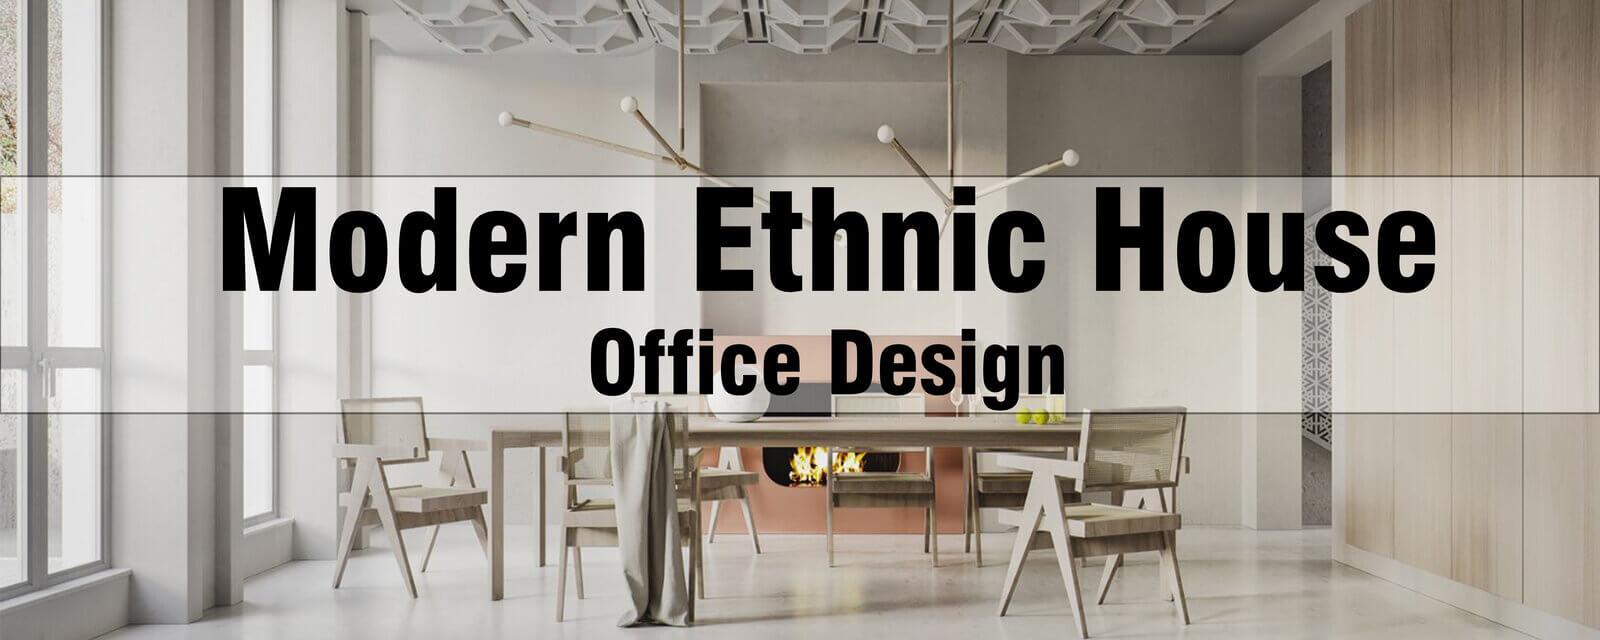 Modern Ethnic House | Office Design